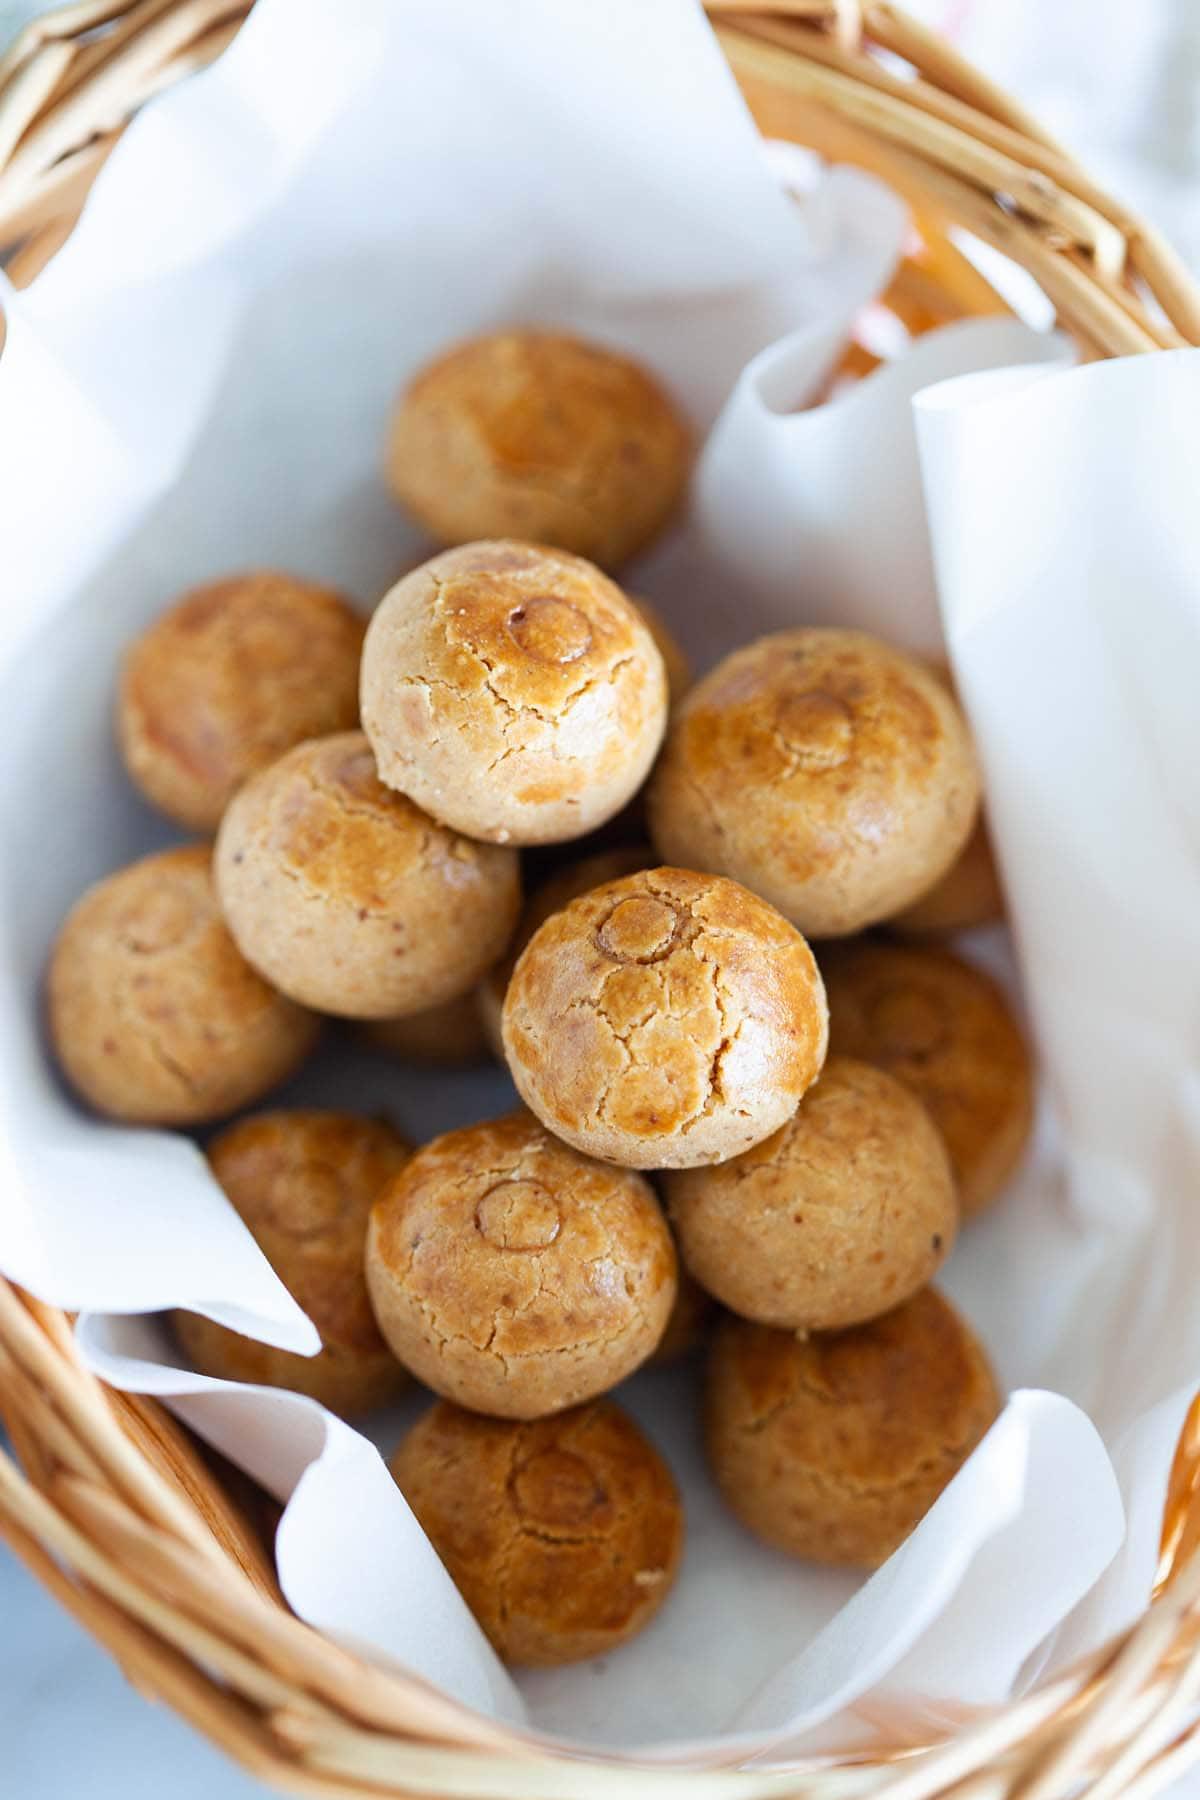 Peanut cookies in a basket.